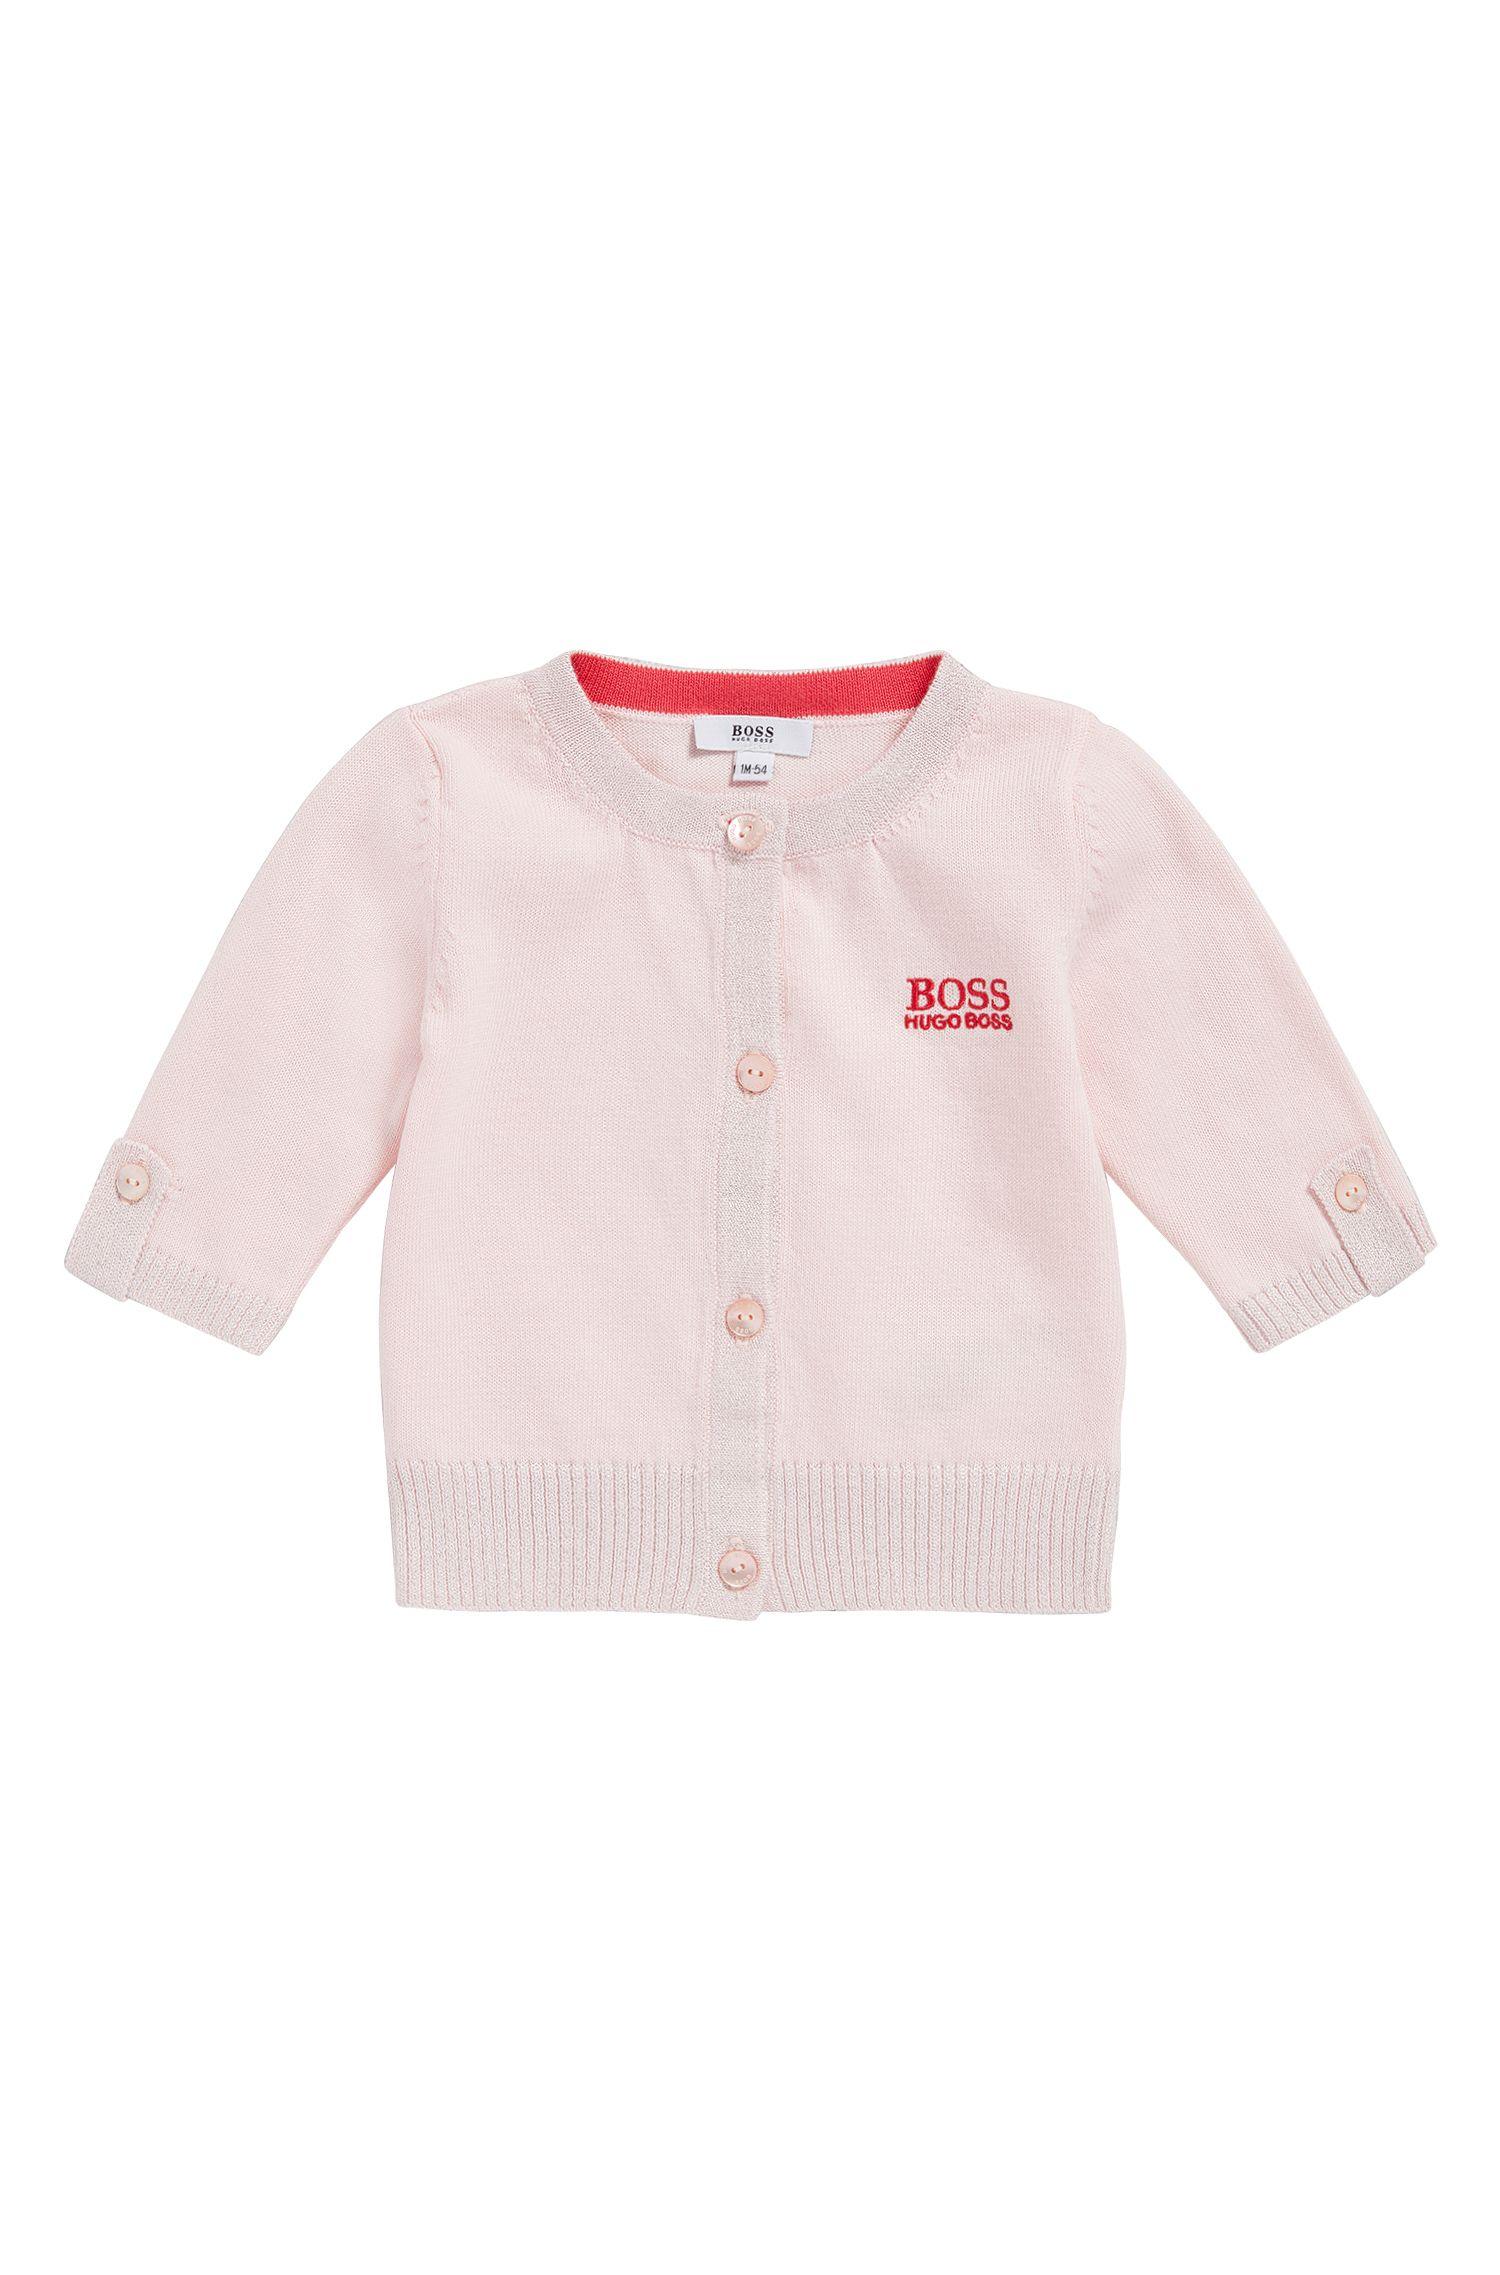 Veste en maille pour bébé en coton mélangé, à bordures brillantes: «J95206»